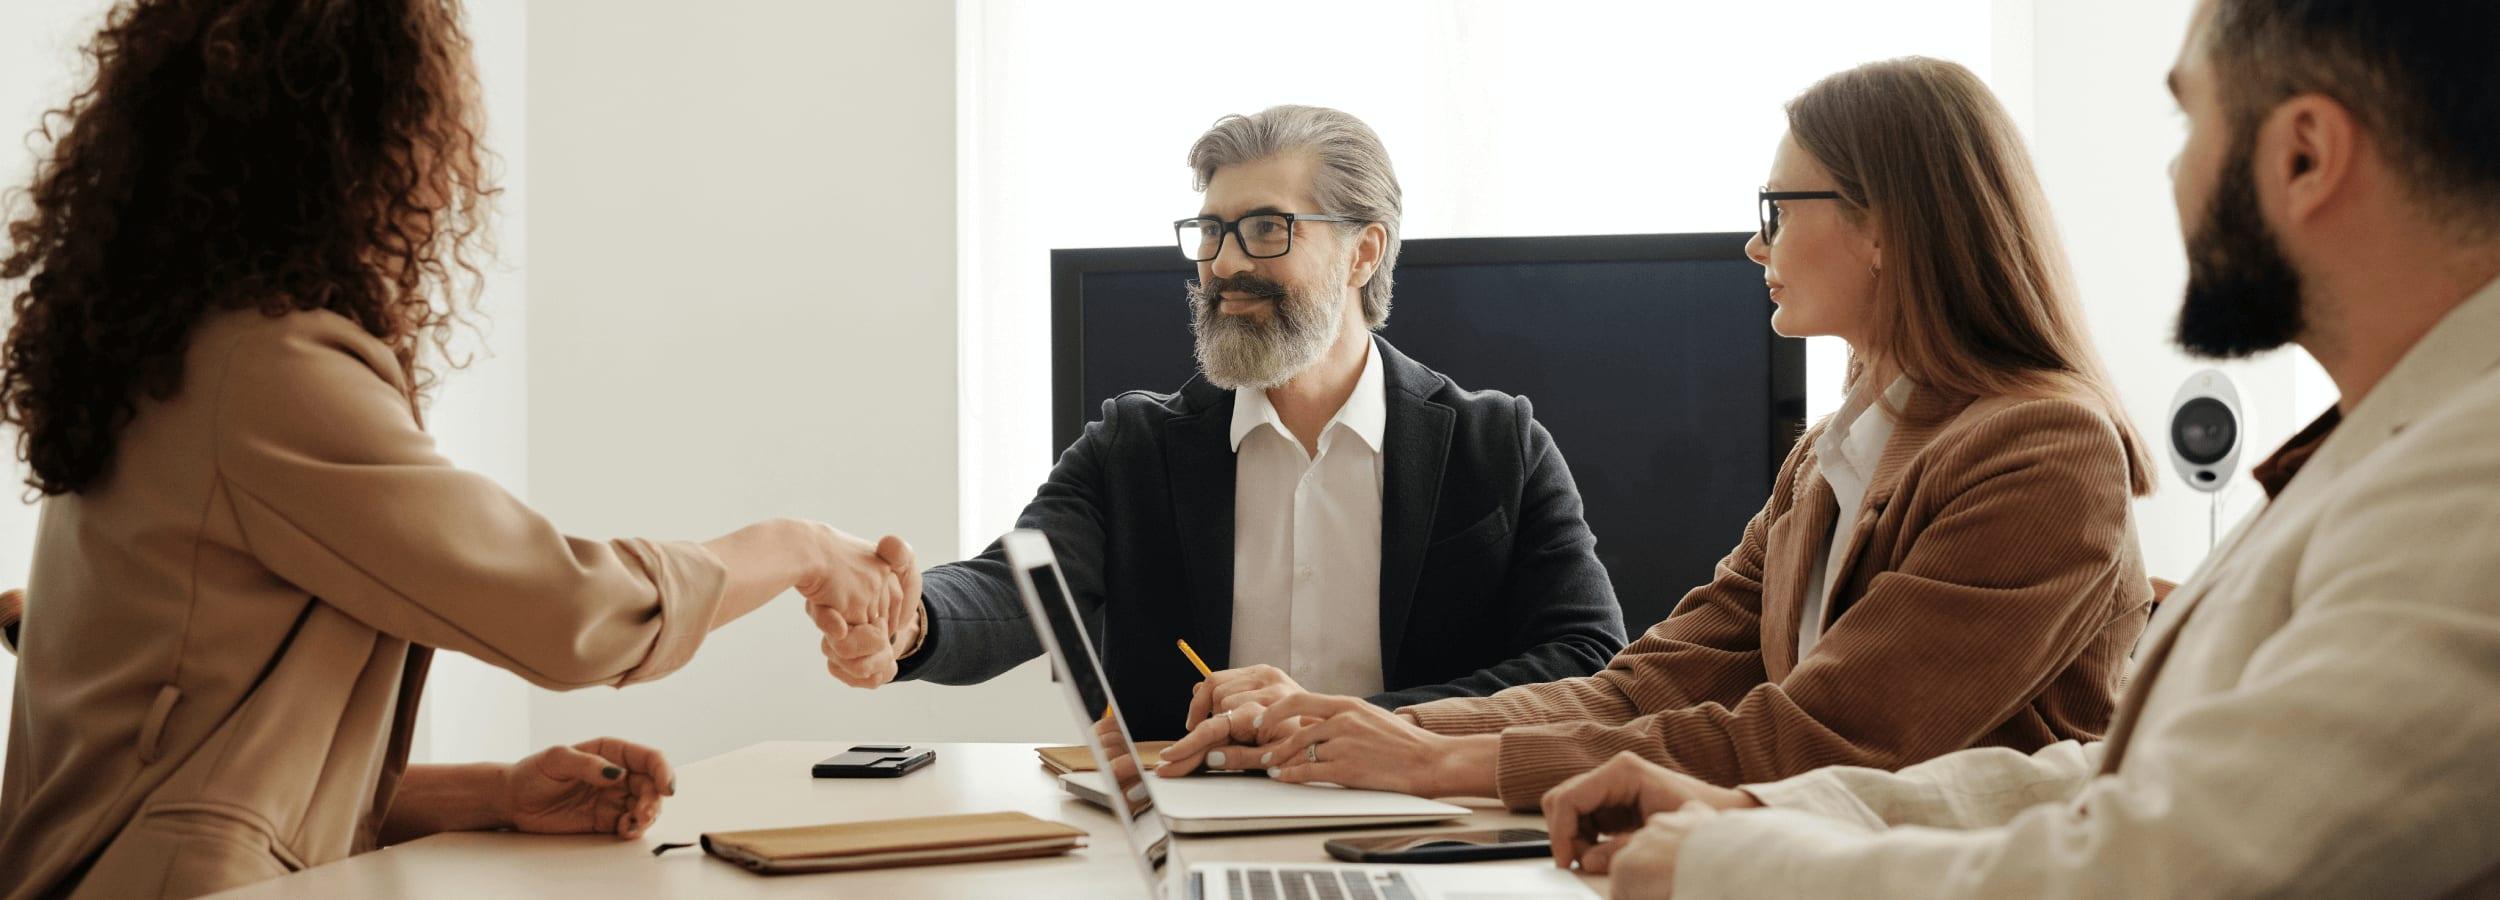 Association : la procédure complète pour embaucher un salarié.